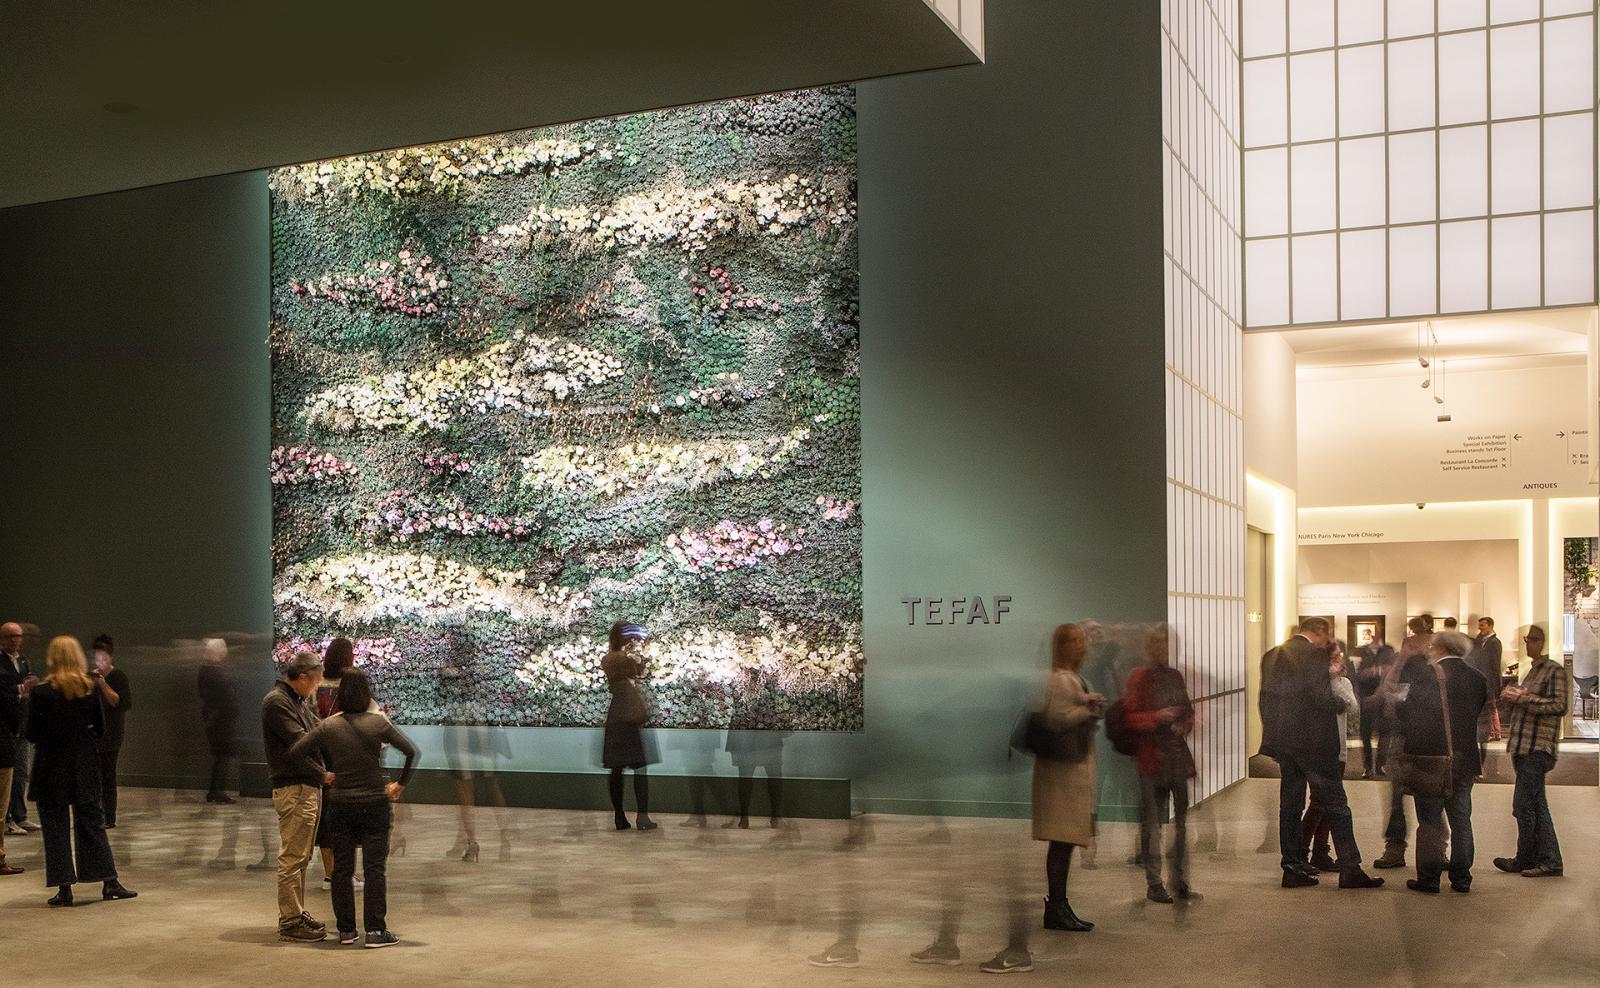 TEFAF: 10 хитов и лучшие стенды выставки в Маастрихте